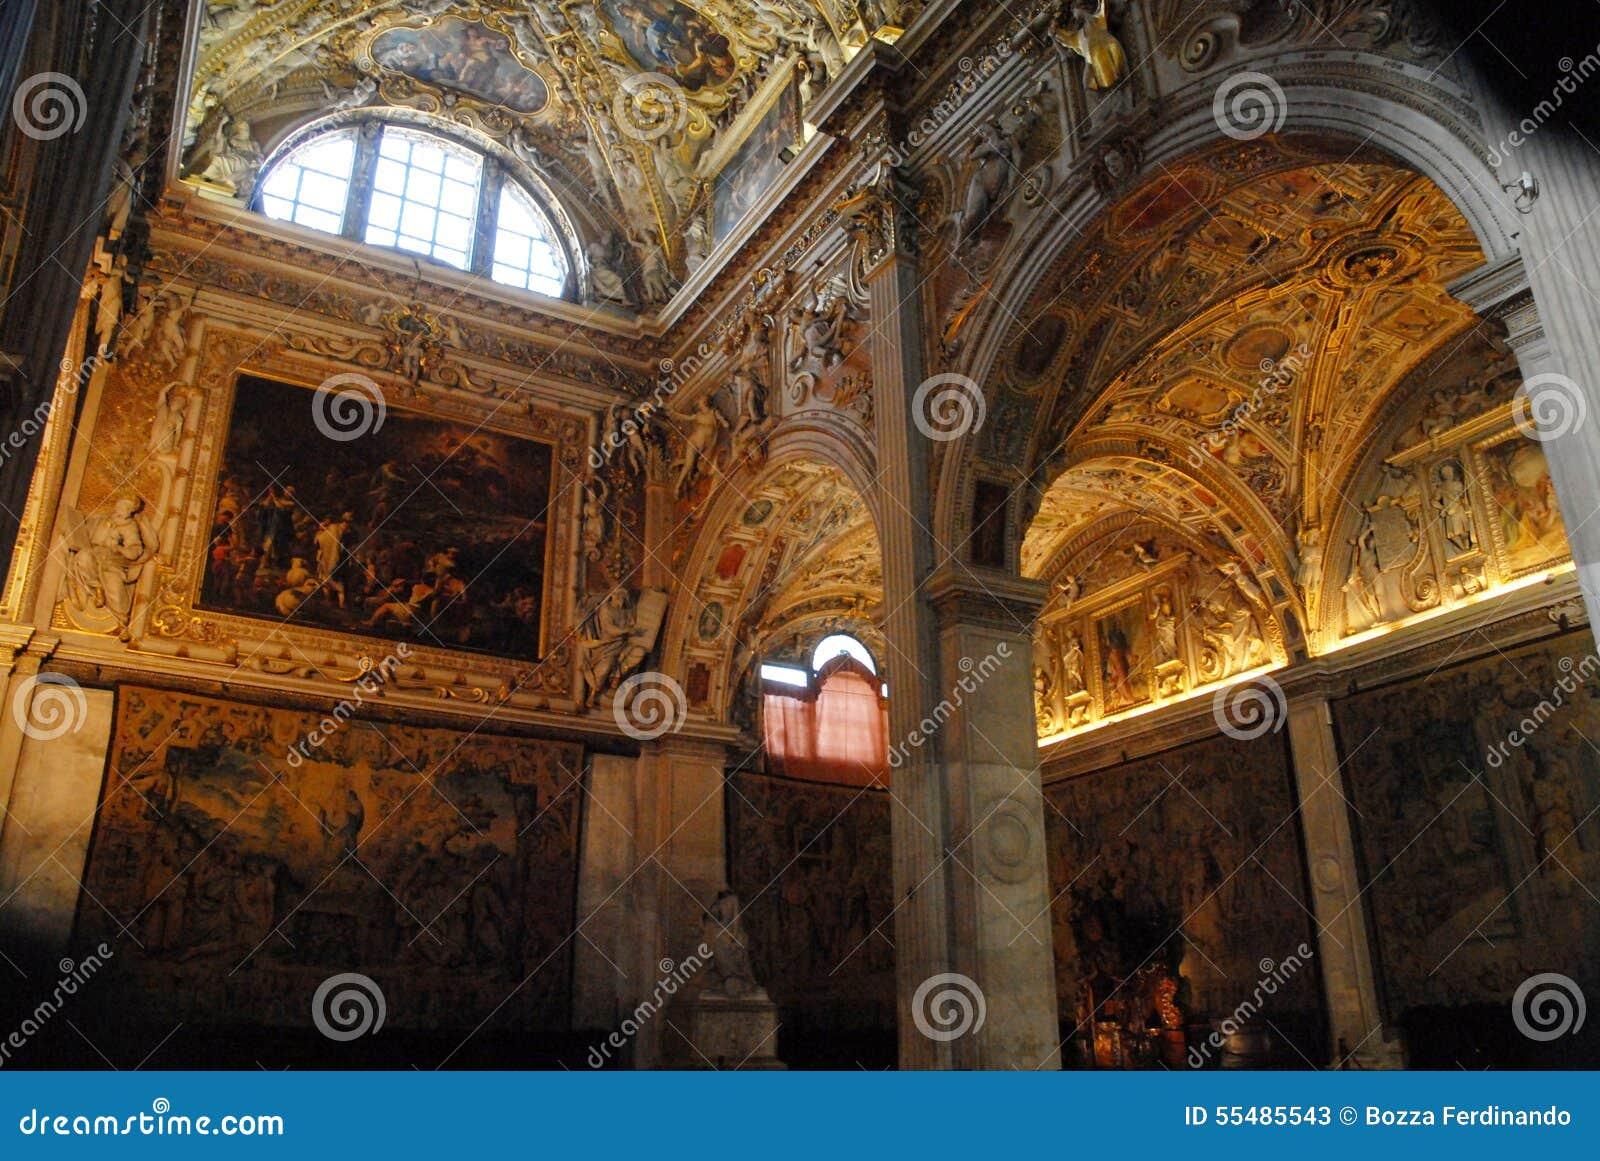 Półcyrkłowy szklany okno w katedrze w Bergamo wysokim